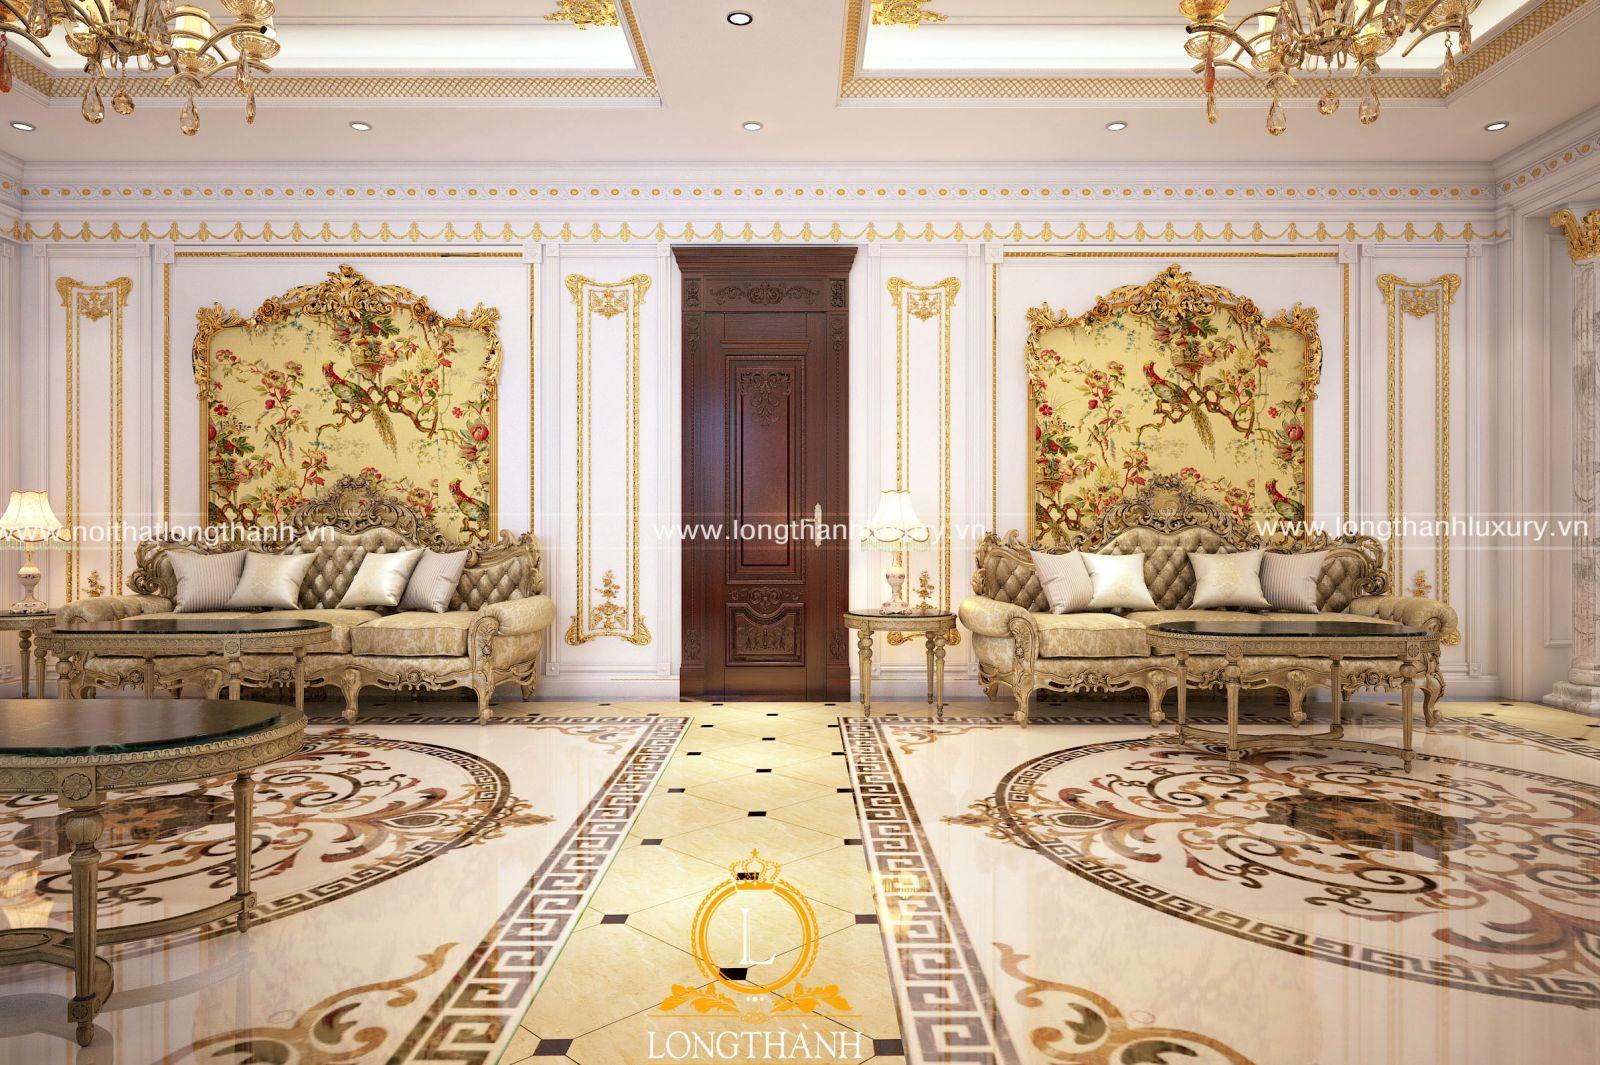 Thiết kế sofa cổ điển mang đến sự quý tộc, đẳng cấp cho không gian